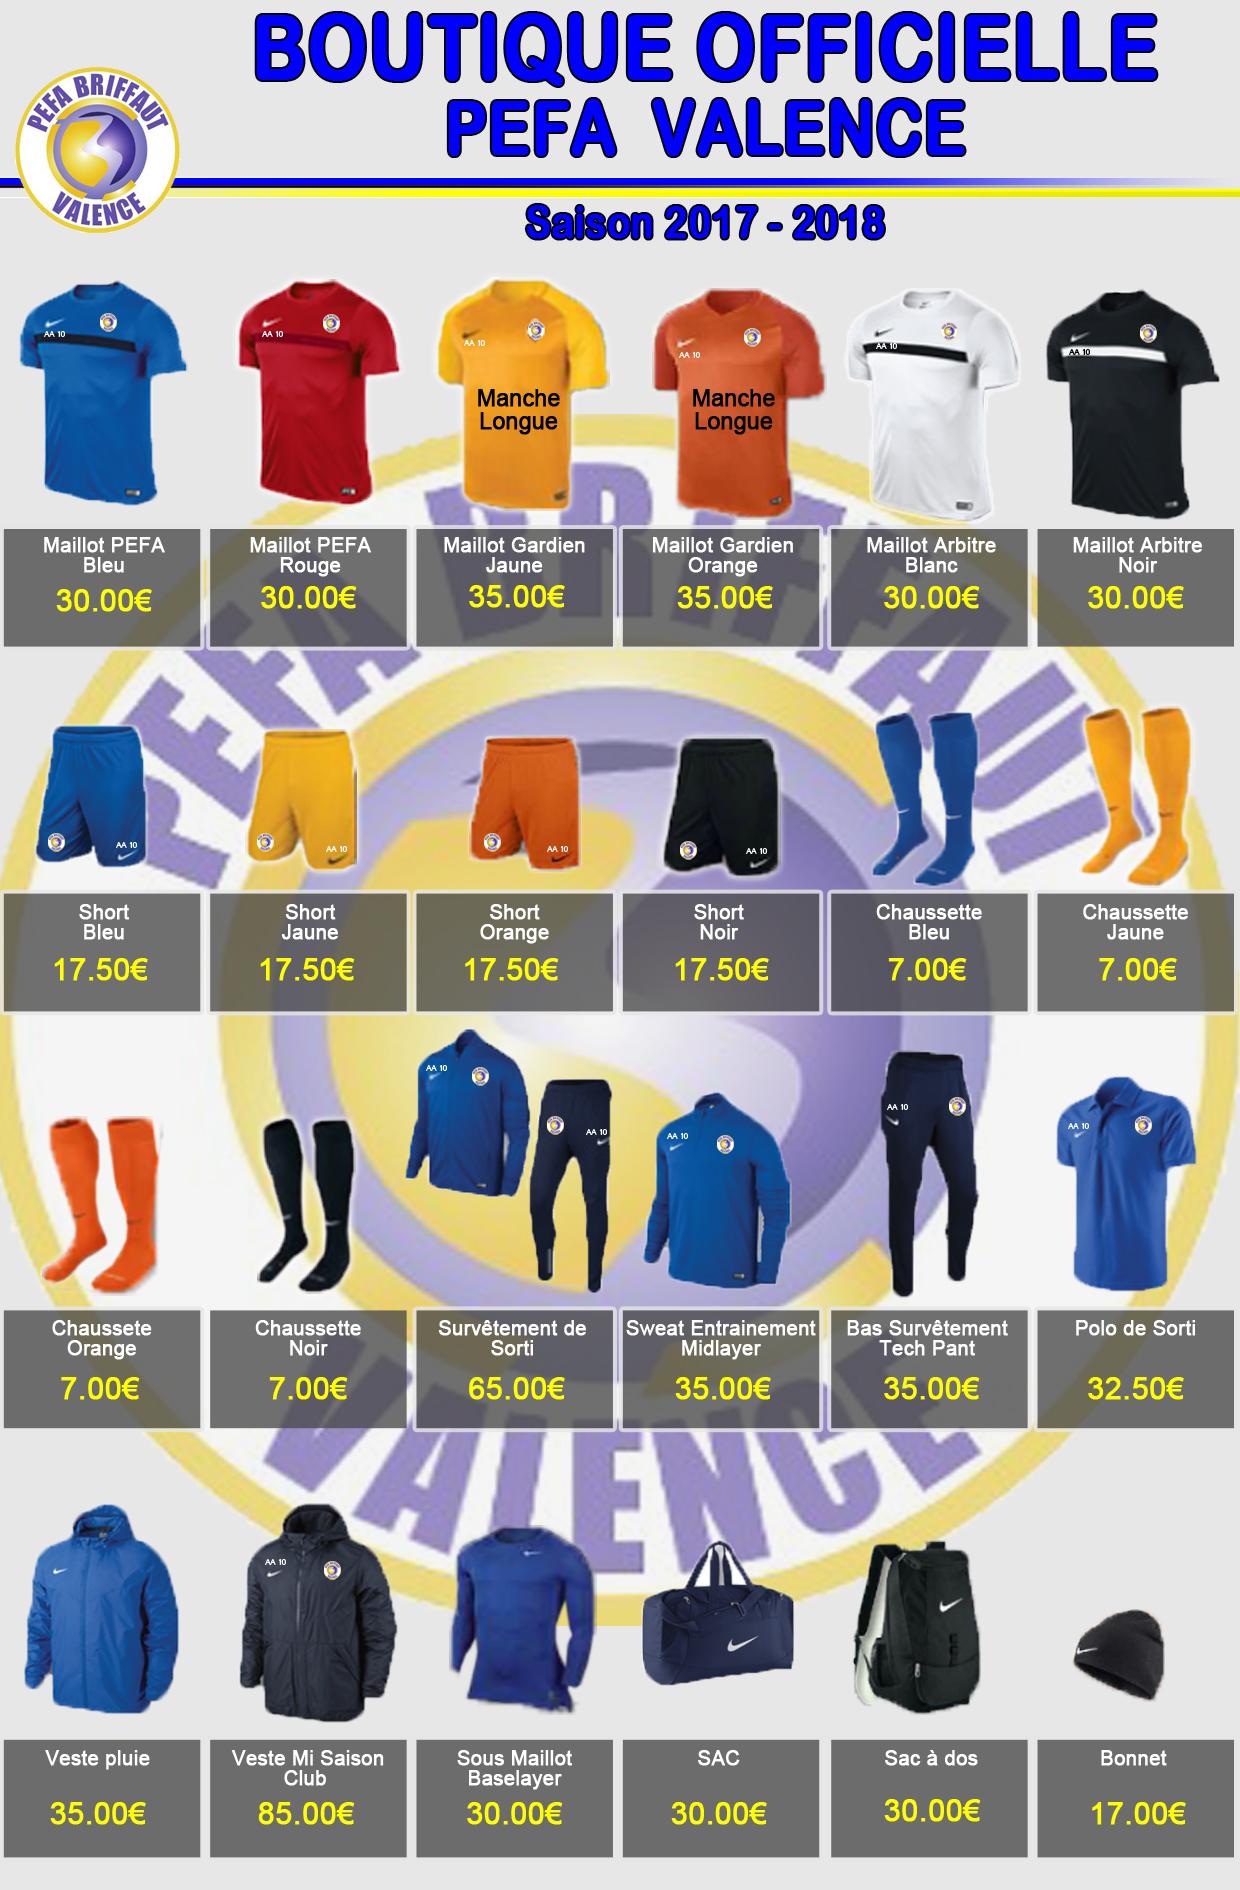 Boutique 2017-2018 pefa